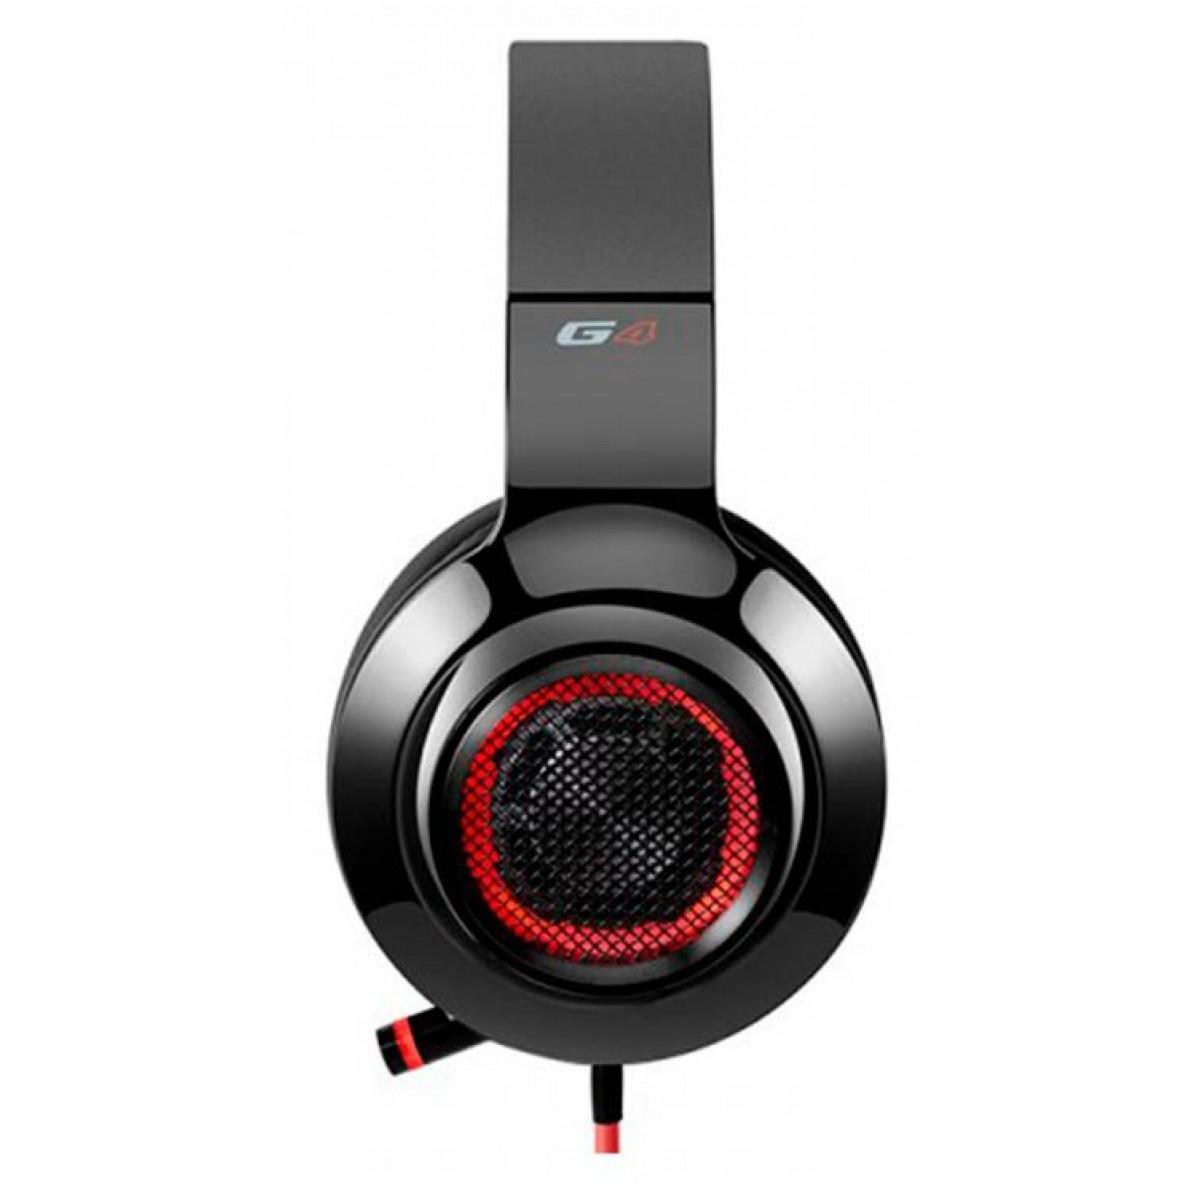 Headset Gamer Edifier G4, 7.1 USB, Black-Red